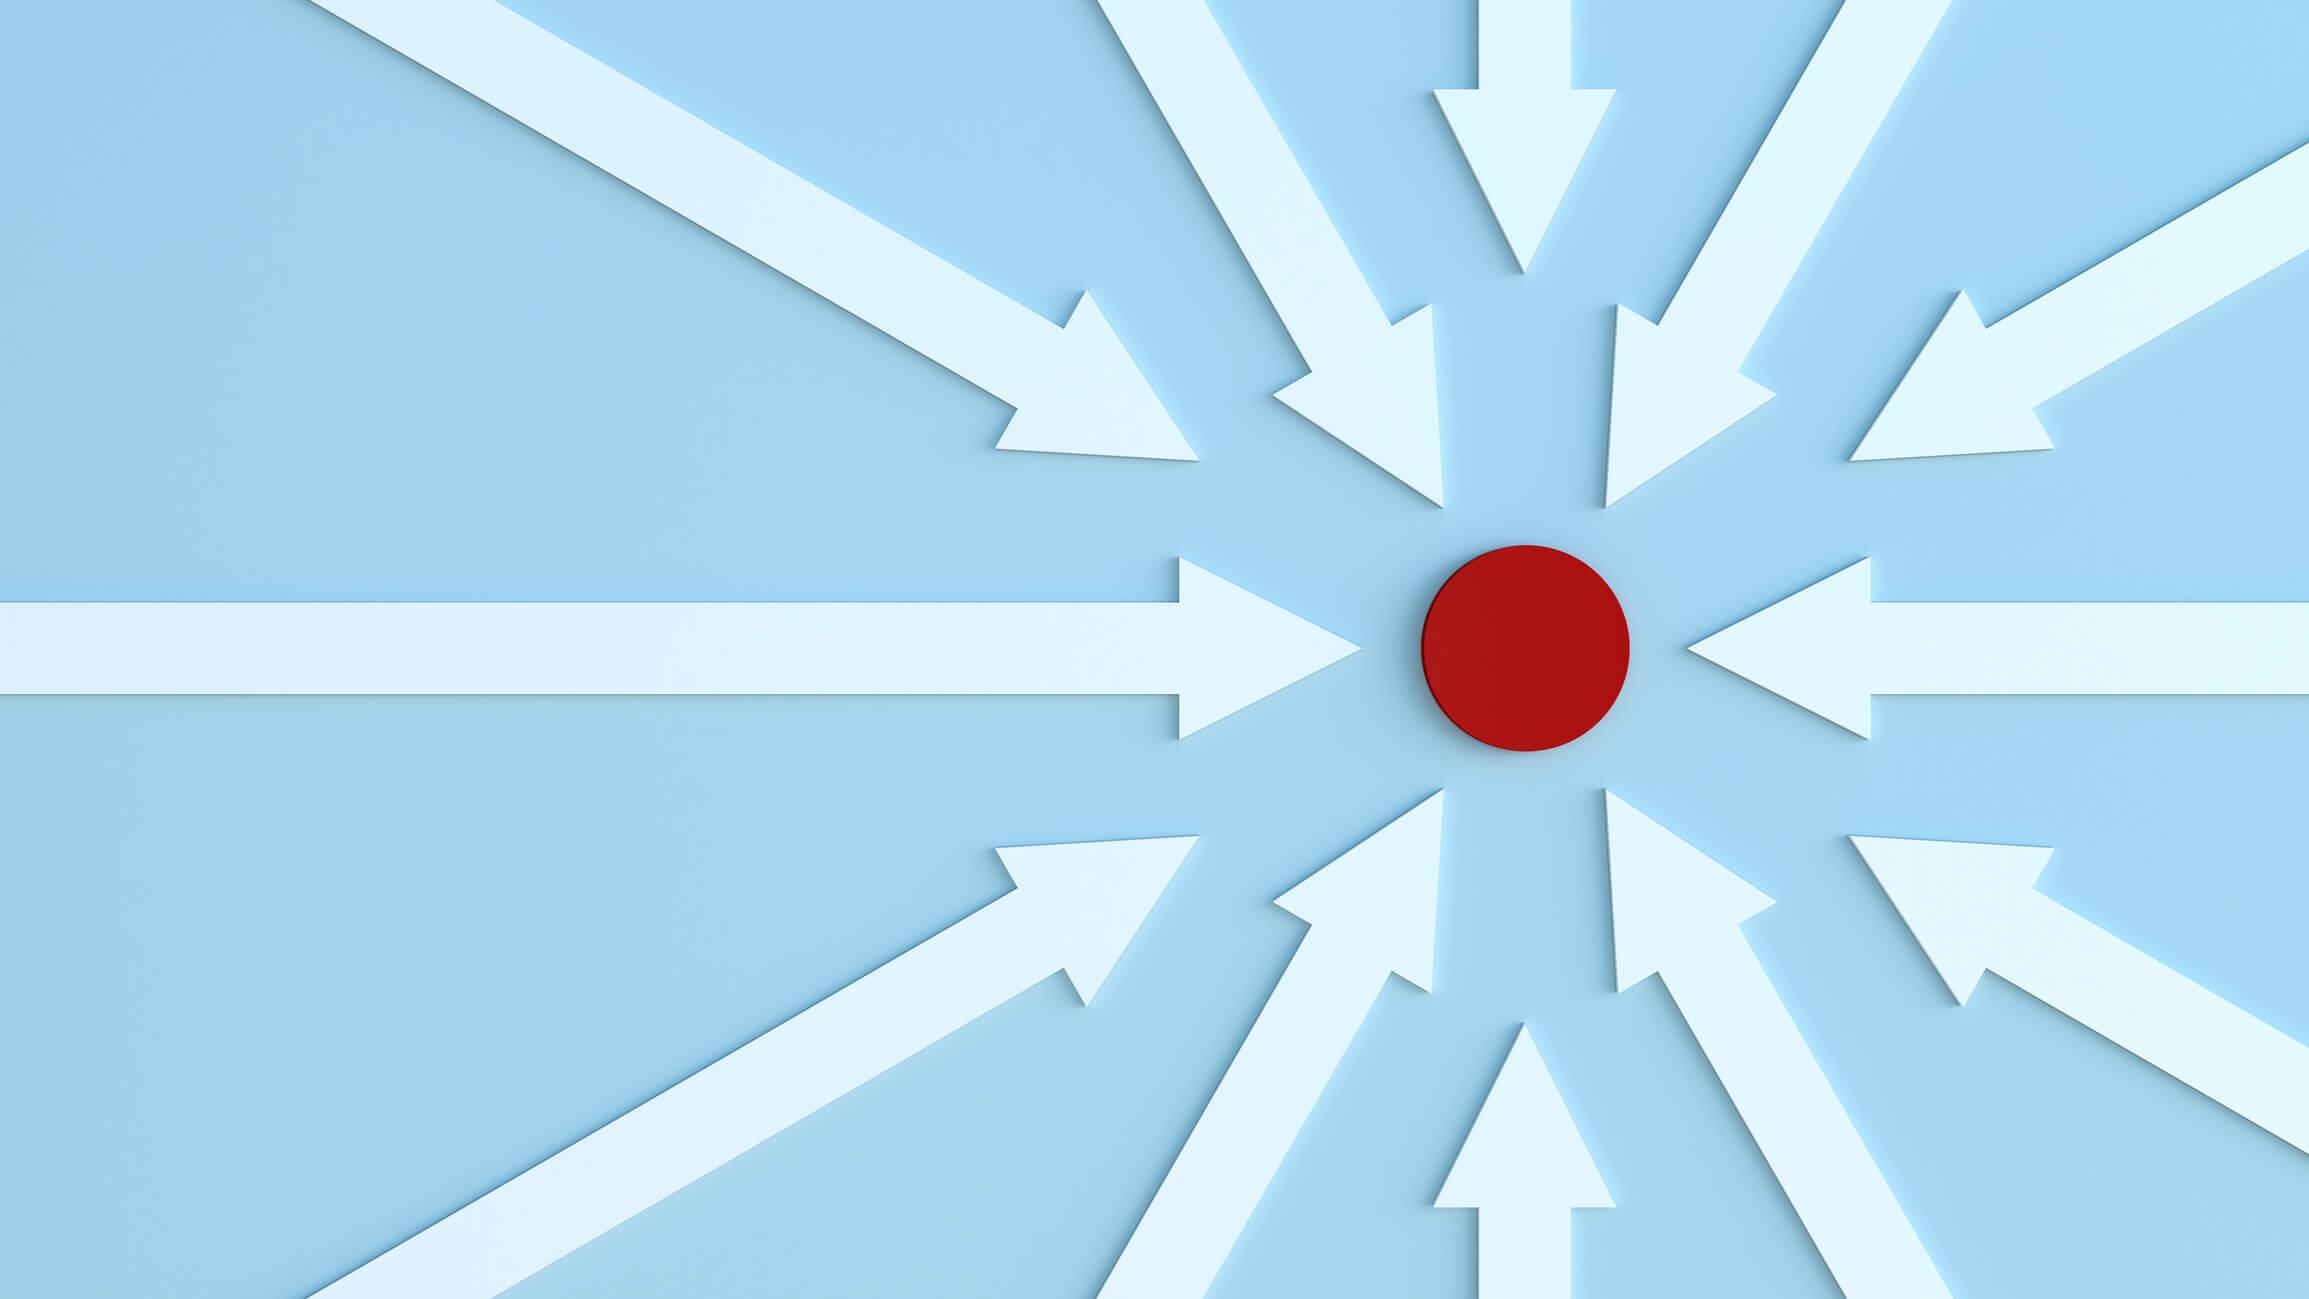 Vertriebsziele für Ihr Unternehmen formulieren und festlegen